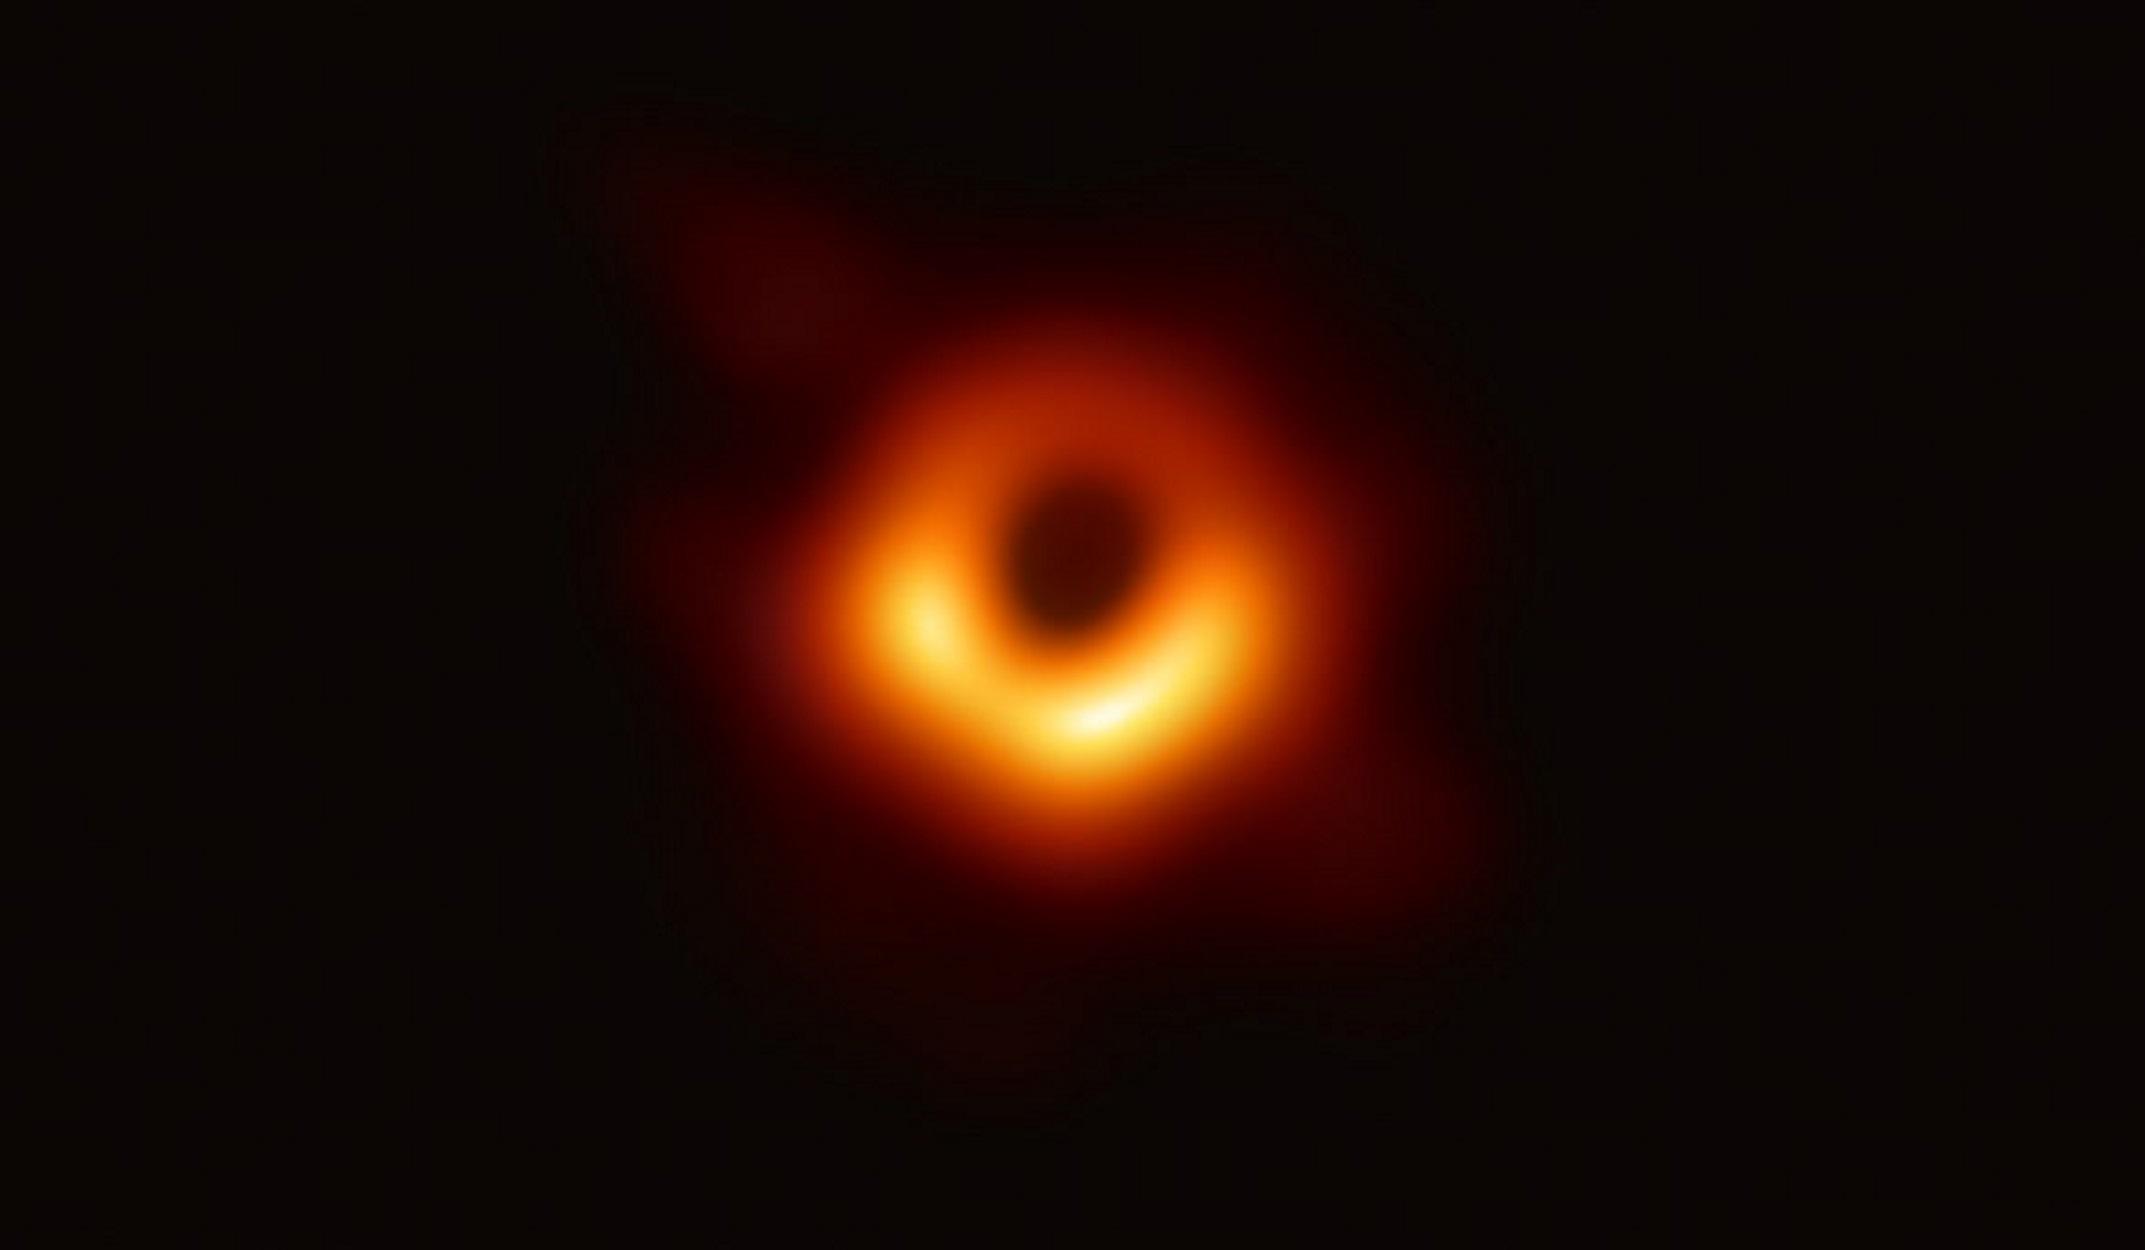 """Η """"μαύρη τρύπα"""" αποκαλύπτεται: Η φωτογραφία της χρονιάς"""